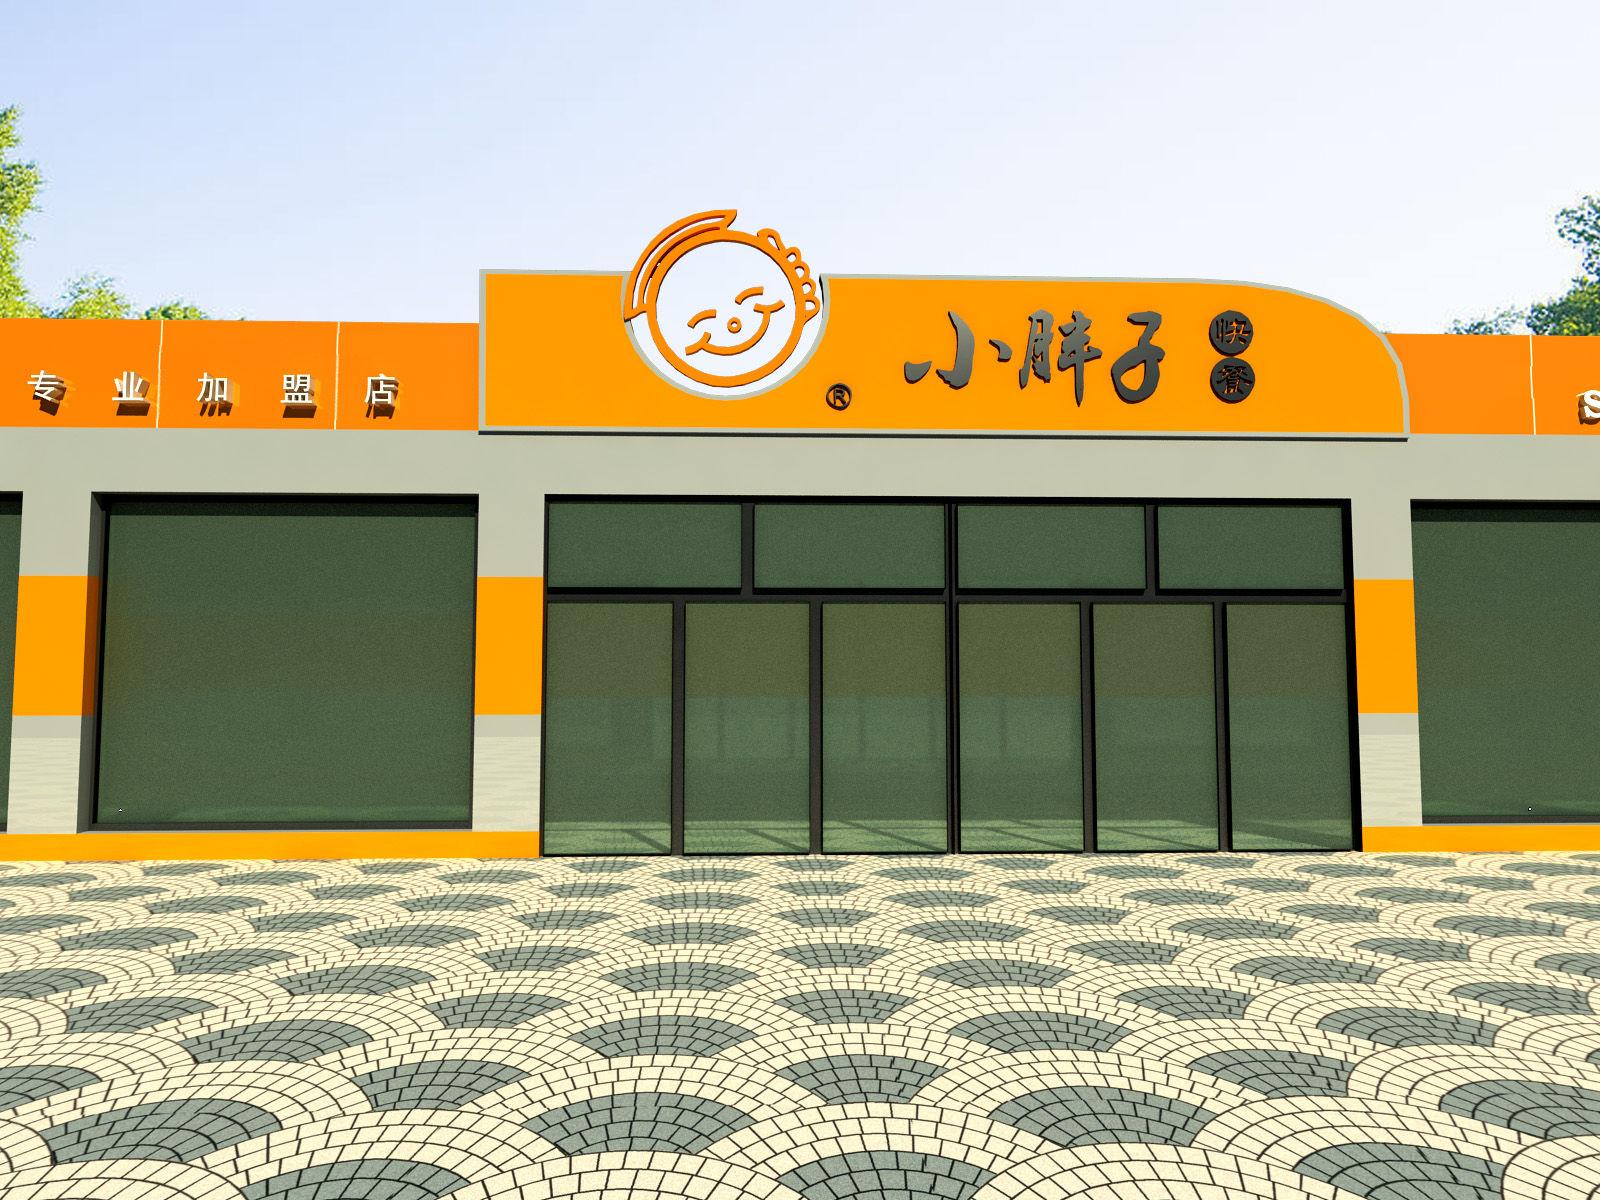 店面设计、专柜设计、展览展示设计-店面专柜展示-设计案例 - 济南大唐广告-品牌设计策划机构的空间 - 红动中国设计空间